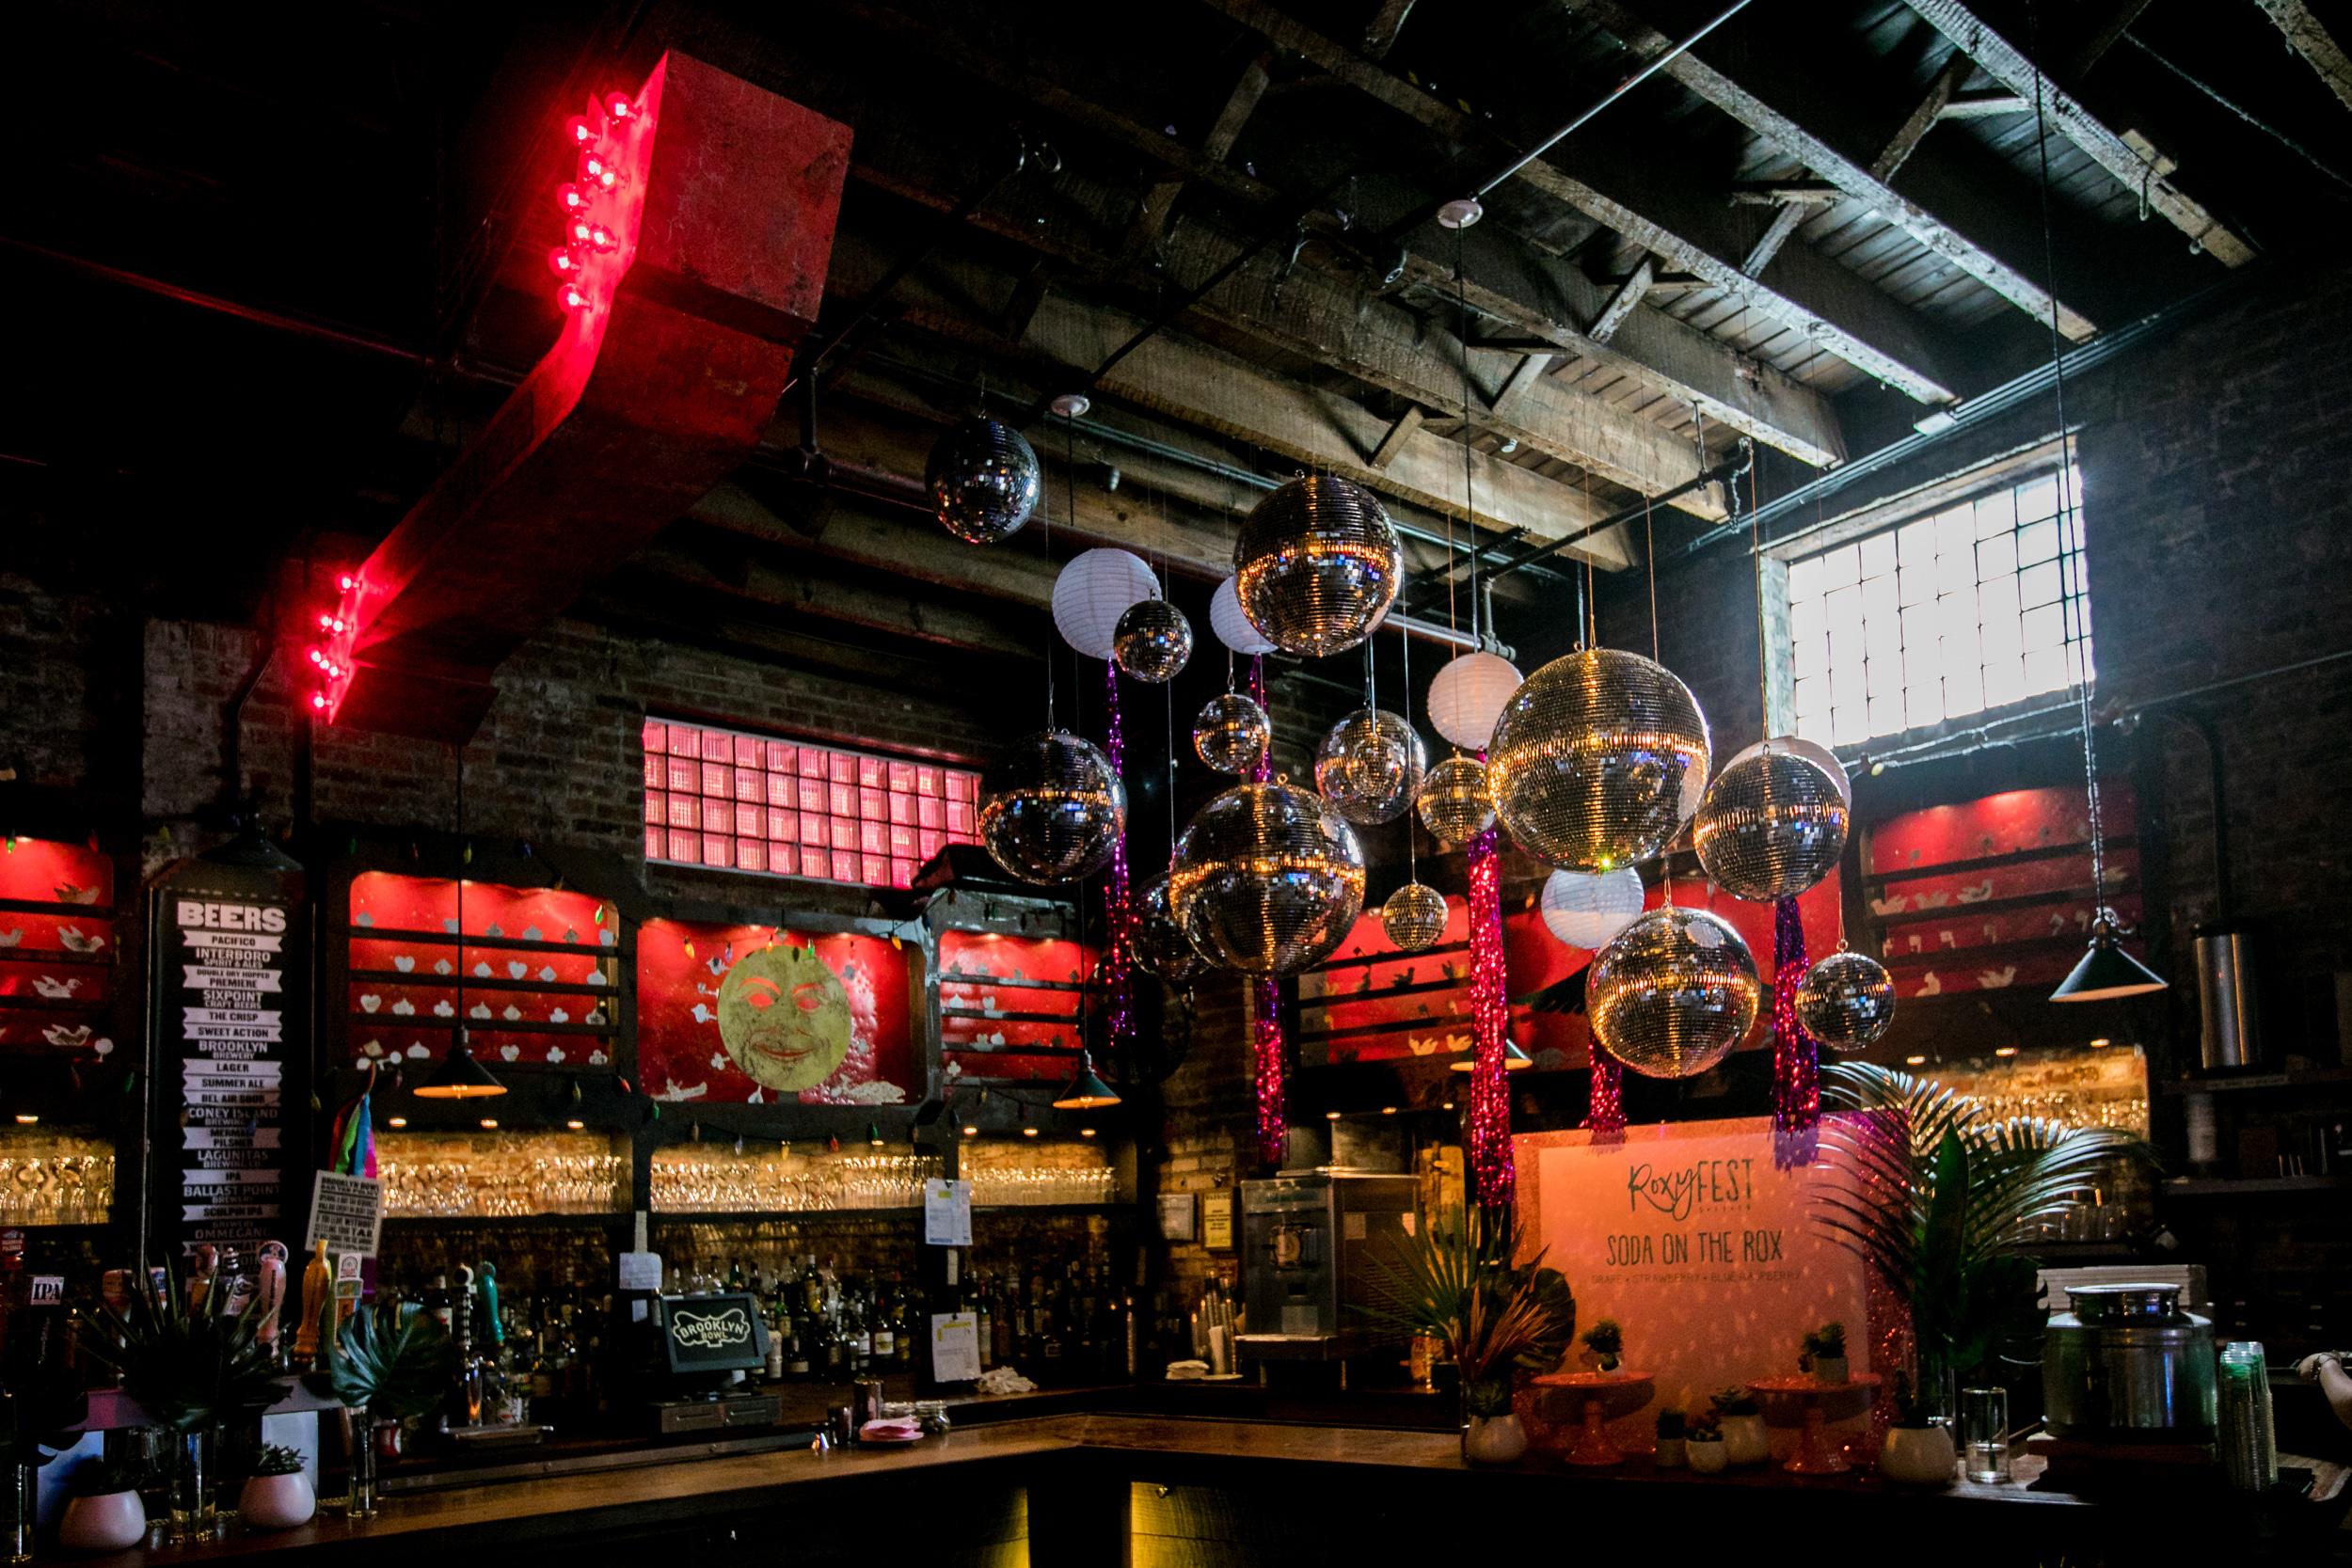 Event Design & Fabrication : Brooklyn Bowl Roxyfest